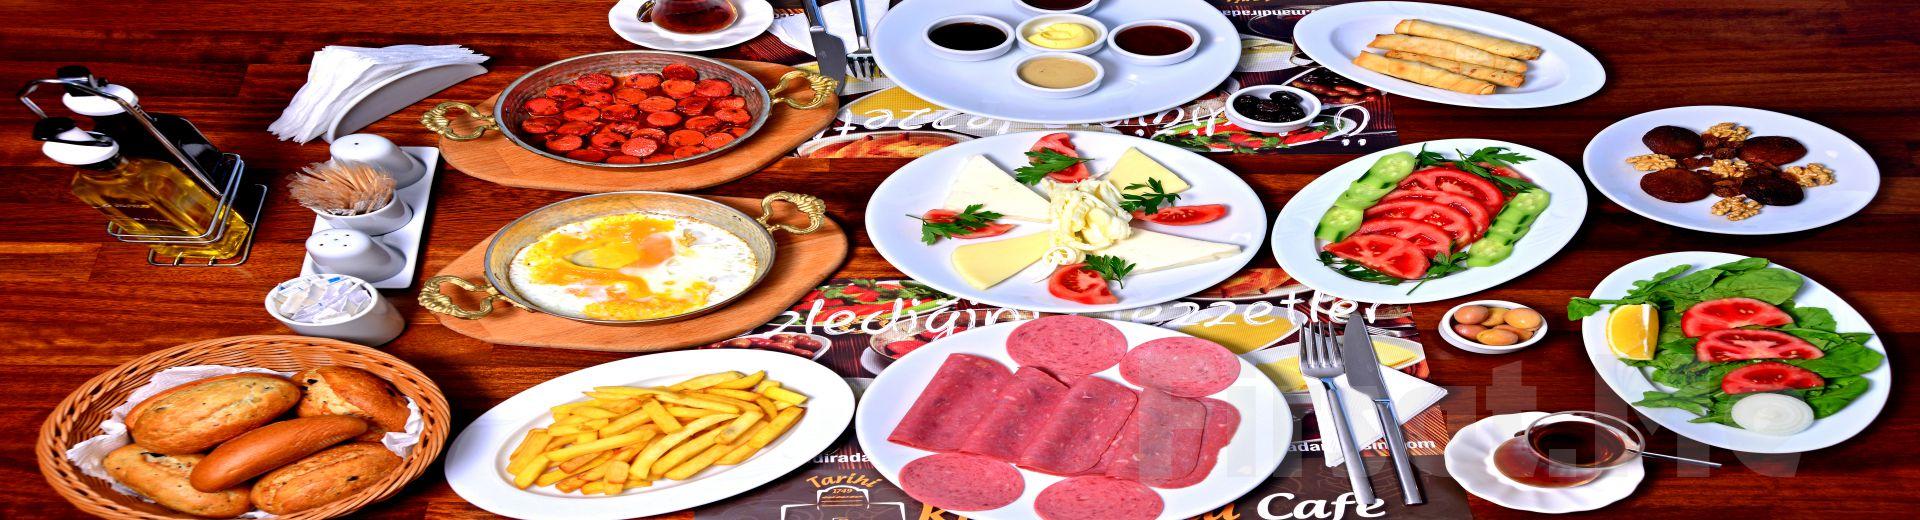 Sarıyer Kireçburnu Cafe'de Sınırsız Çay Eşliğinde Leziz Serpme Kahvaltı Keyfi!